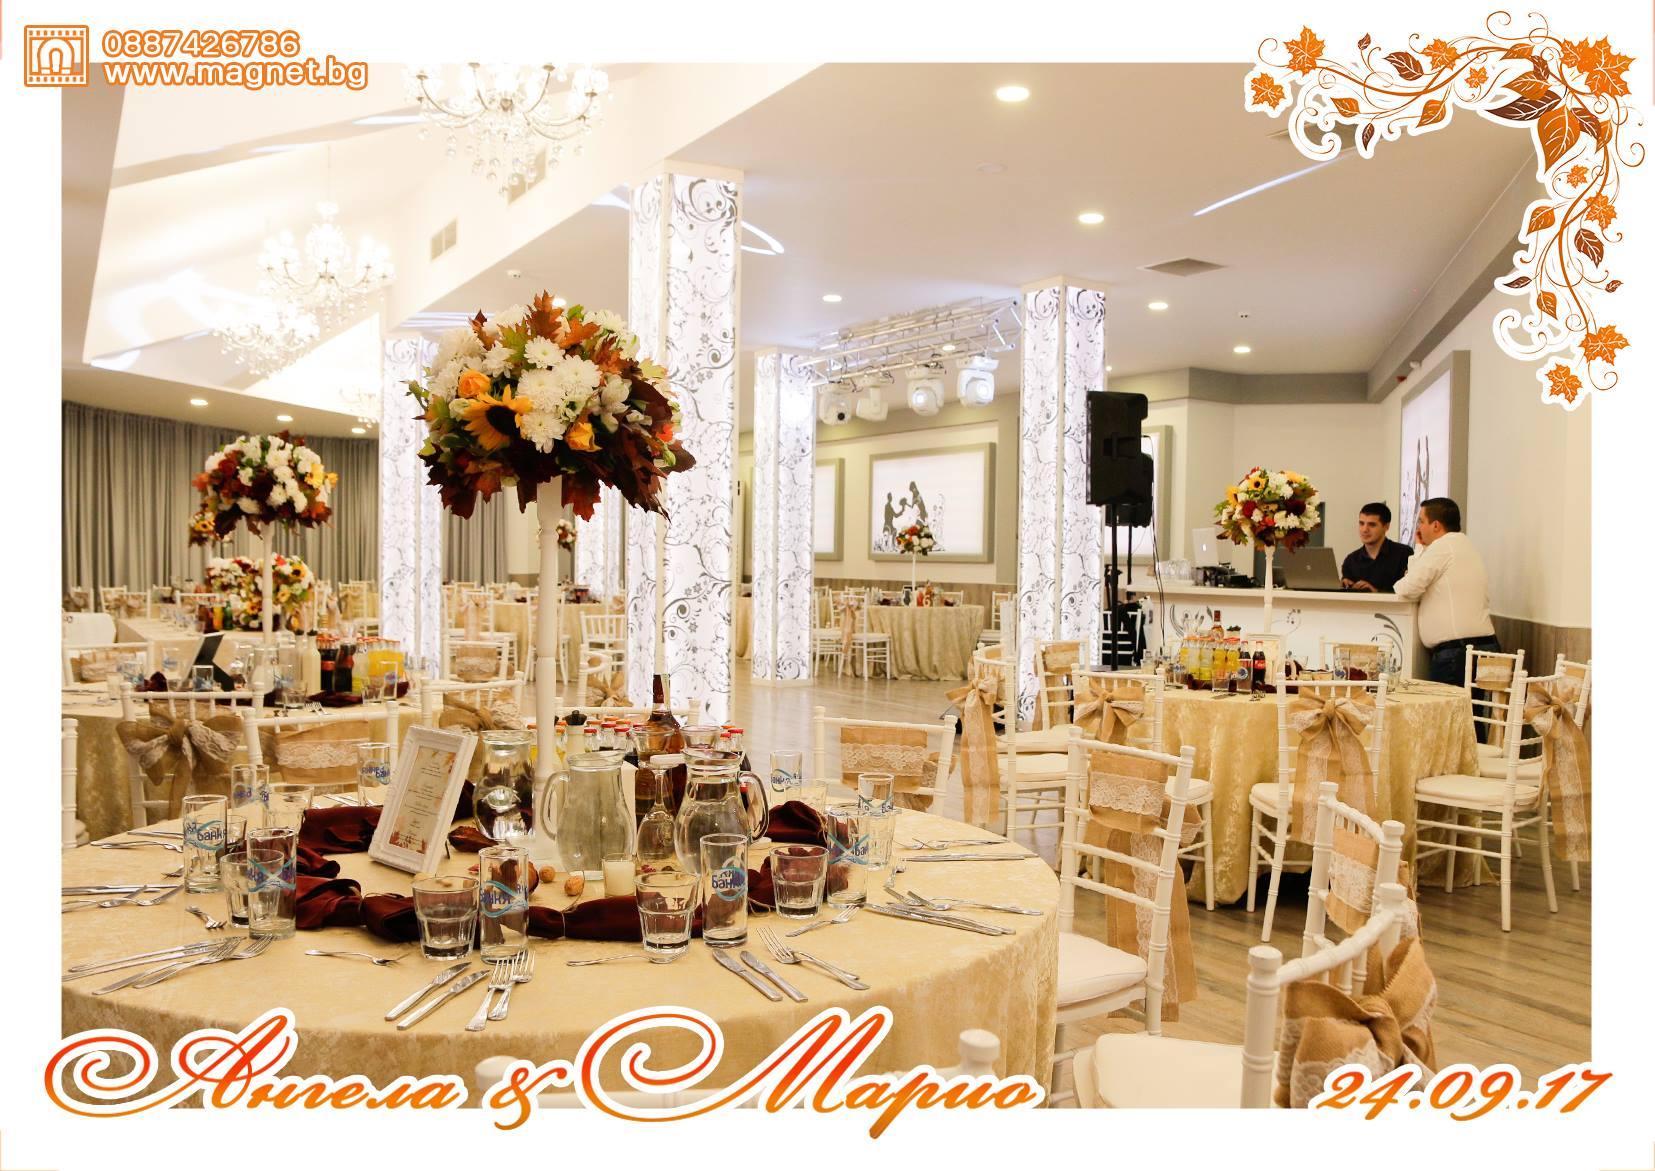 сватба-хотел-Акорд-София-сватба-хотел-Акорд-София-подаръци за гости-сватбасватба-хотел-Акорд-София-сватба-хотел-Акорд-София-подаръци за гости-сватба